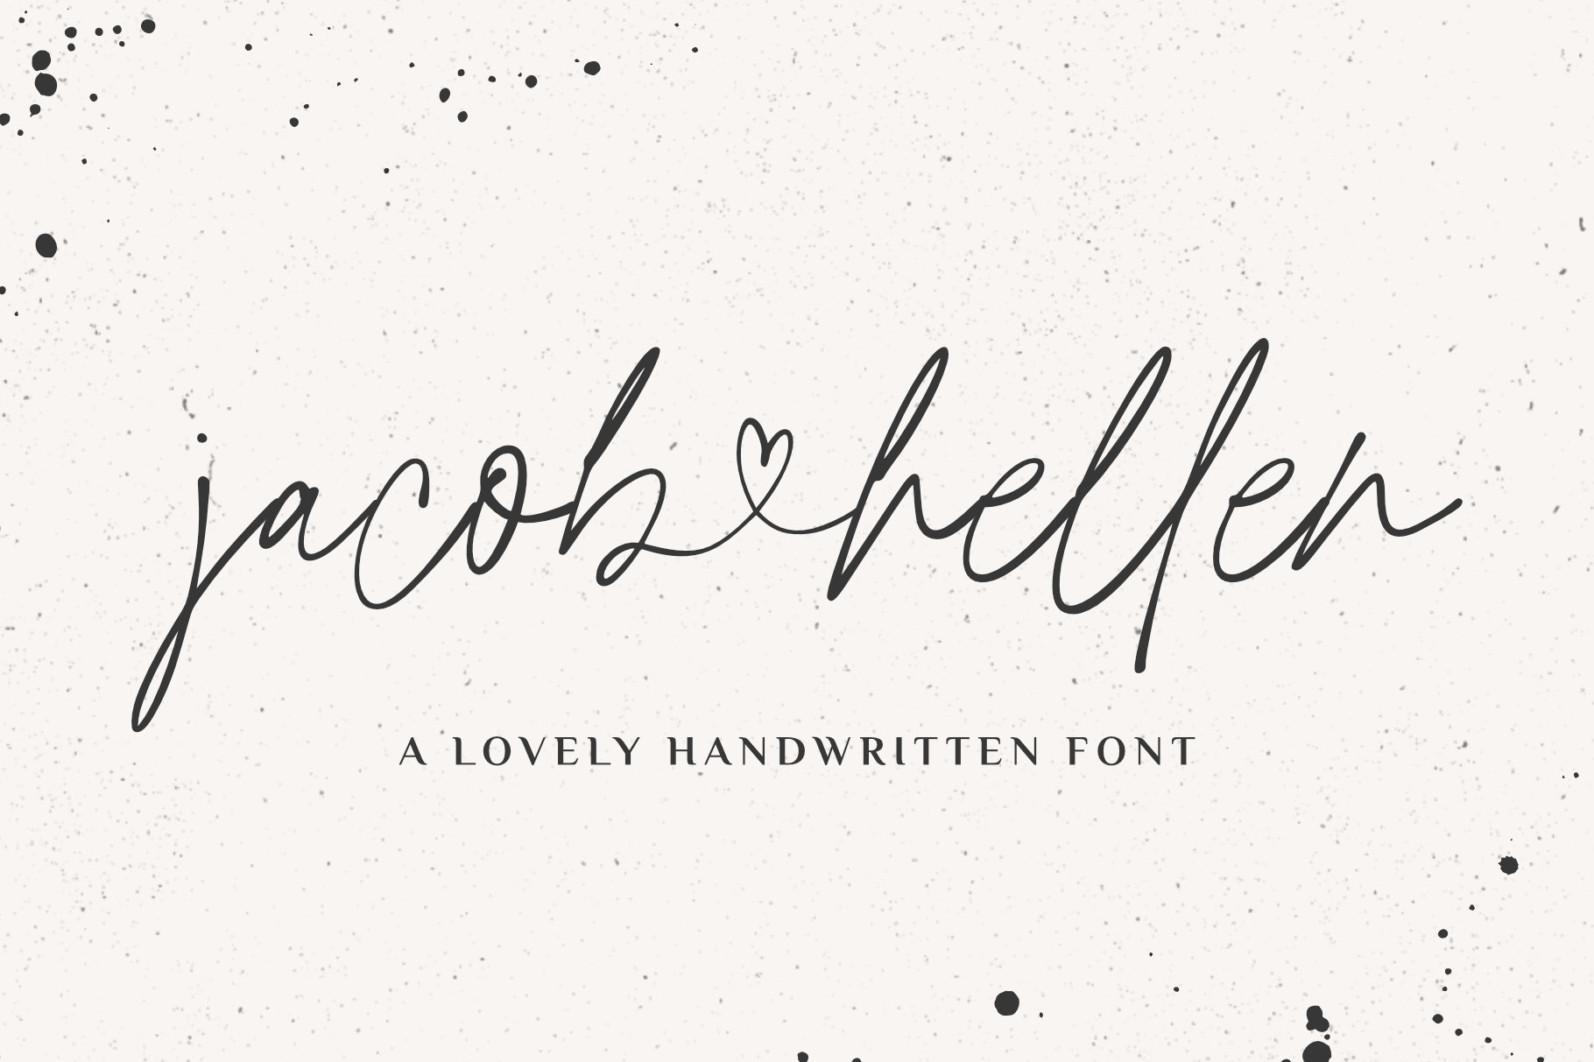 Jacob & Hellen - Jacob Hellen Branding Font 01 -